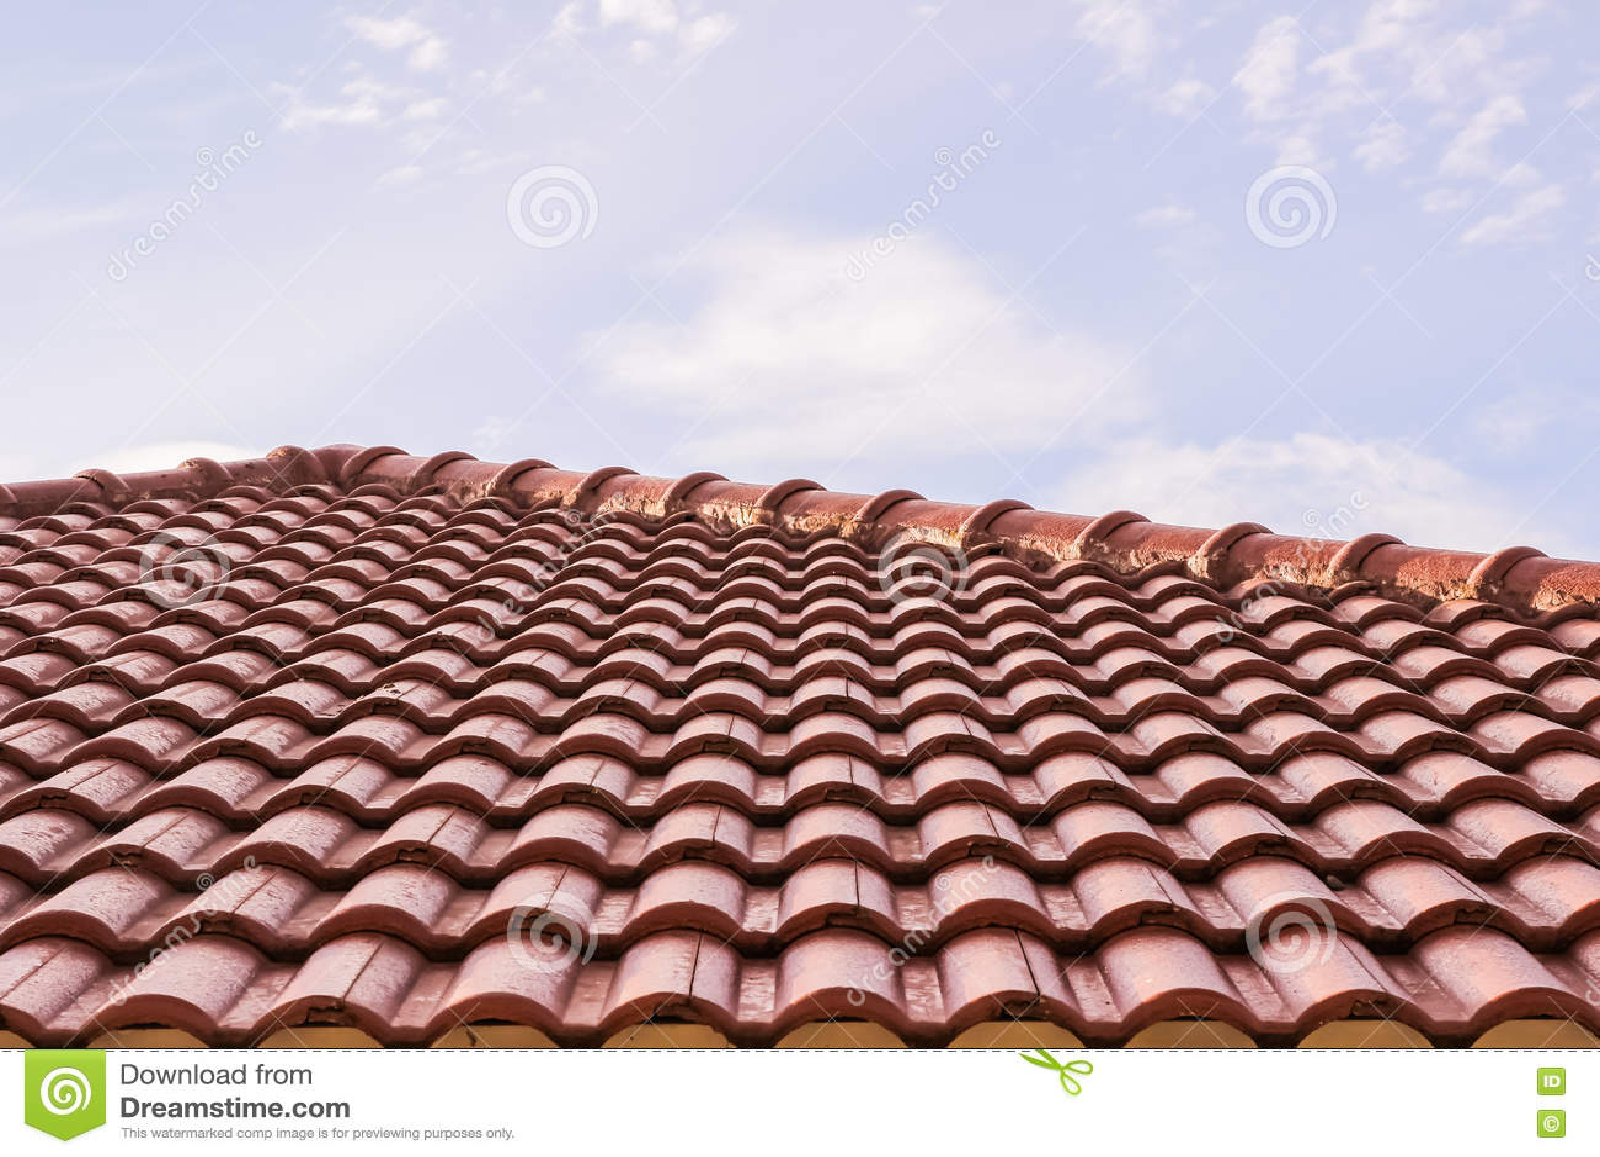 Η στέγη κεραμώνει την οριζόντια άποψη ενάντια στο μπλε ουρανό